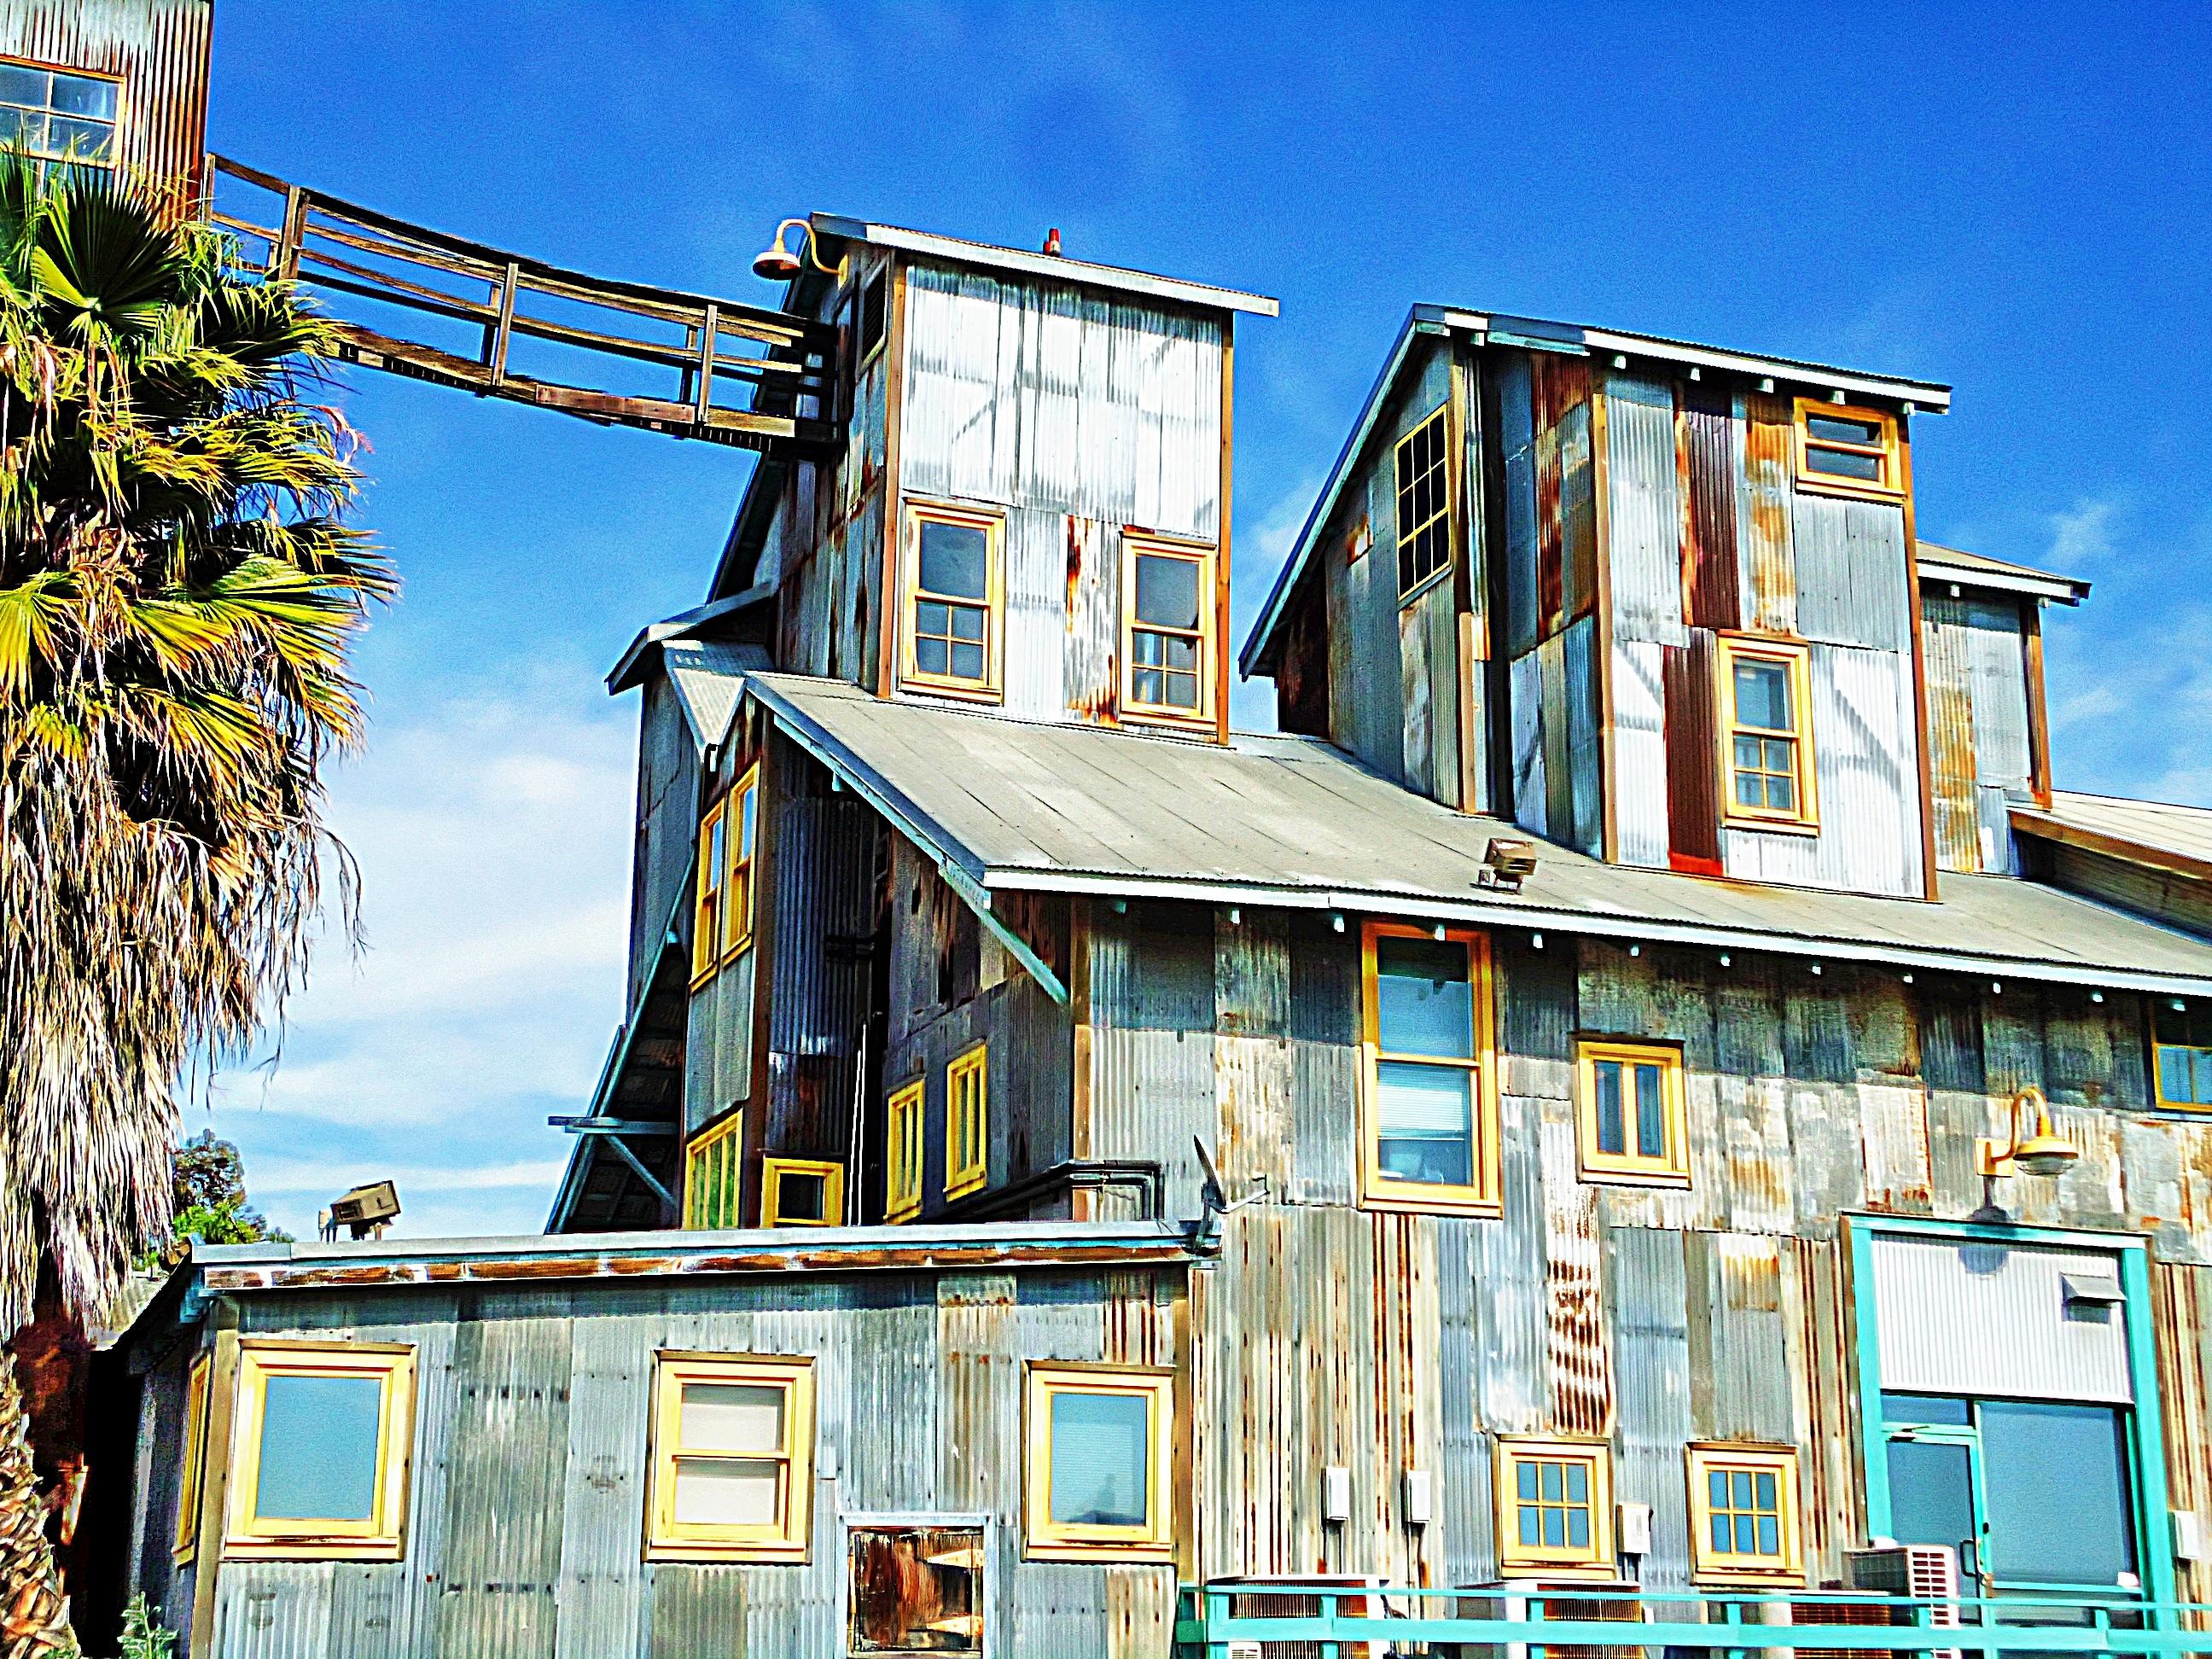 Architecture structure manoir maison ville bâtiment maison urbain vacances banlieue construction chalet façade industriel usine extérieur